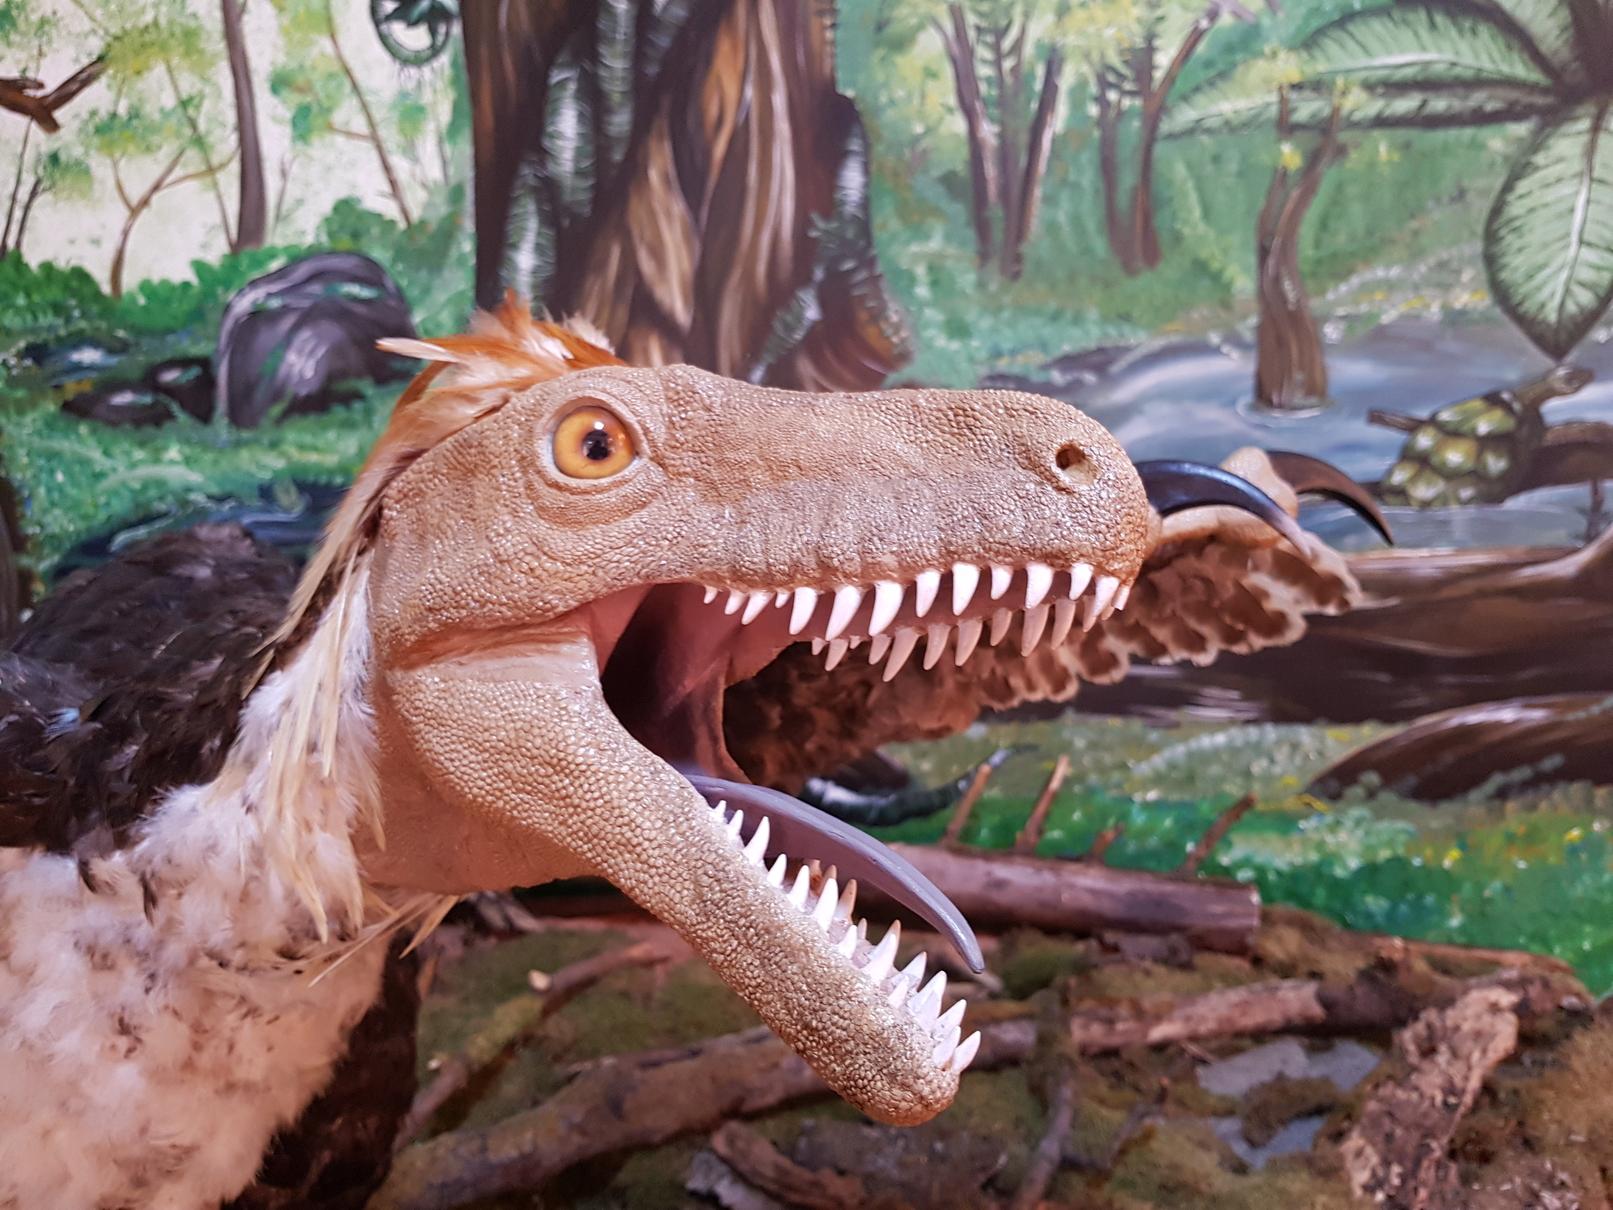 Festivalul Dinozaurilor weekendul acesta în Țara Hațegului